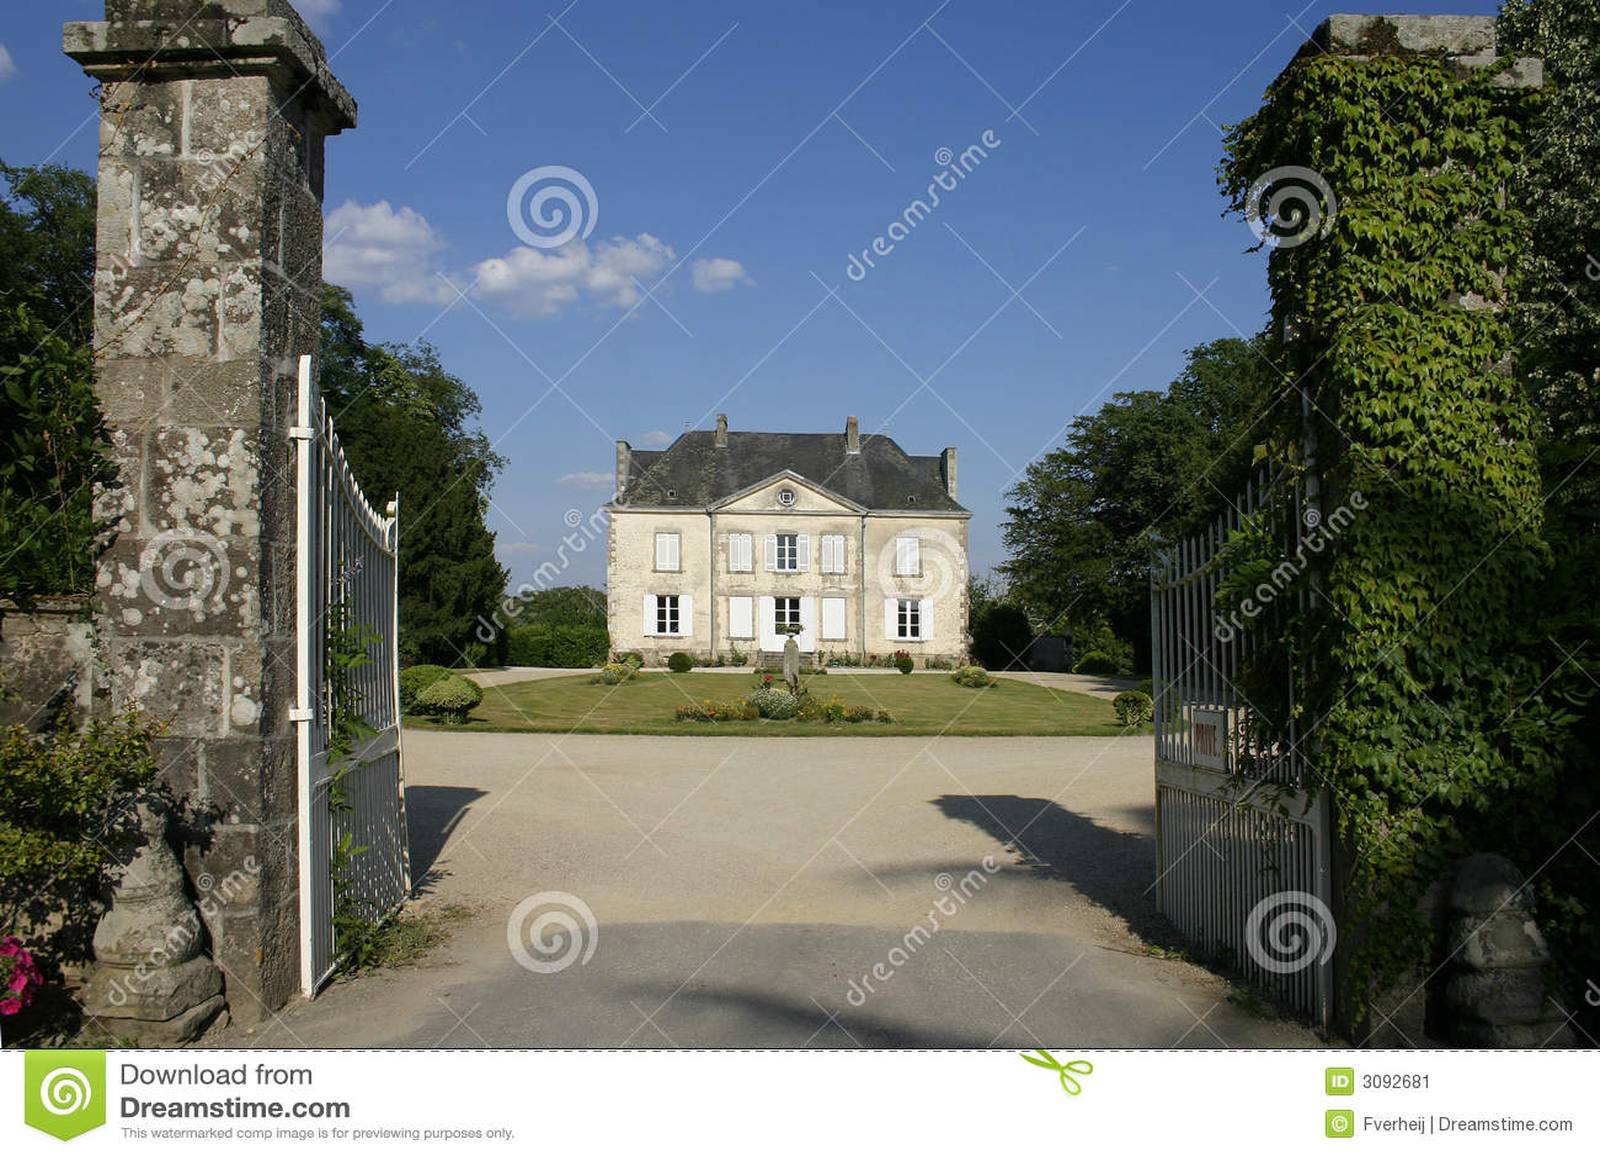 Casa di campagna francese immagine stock immagine di for Scaffali di campagna francese